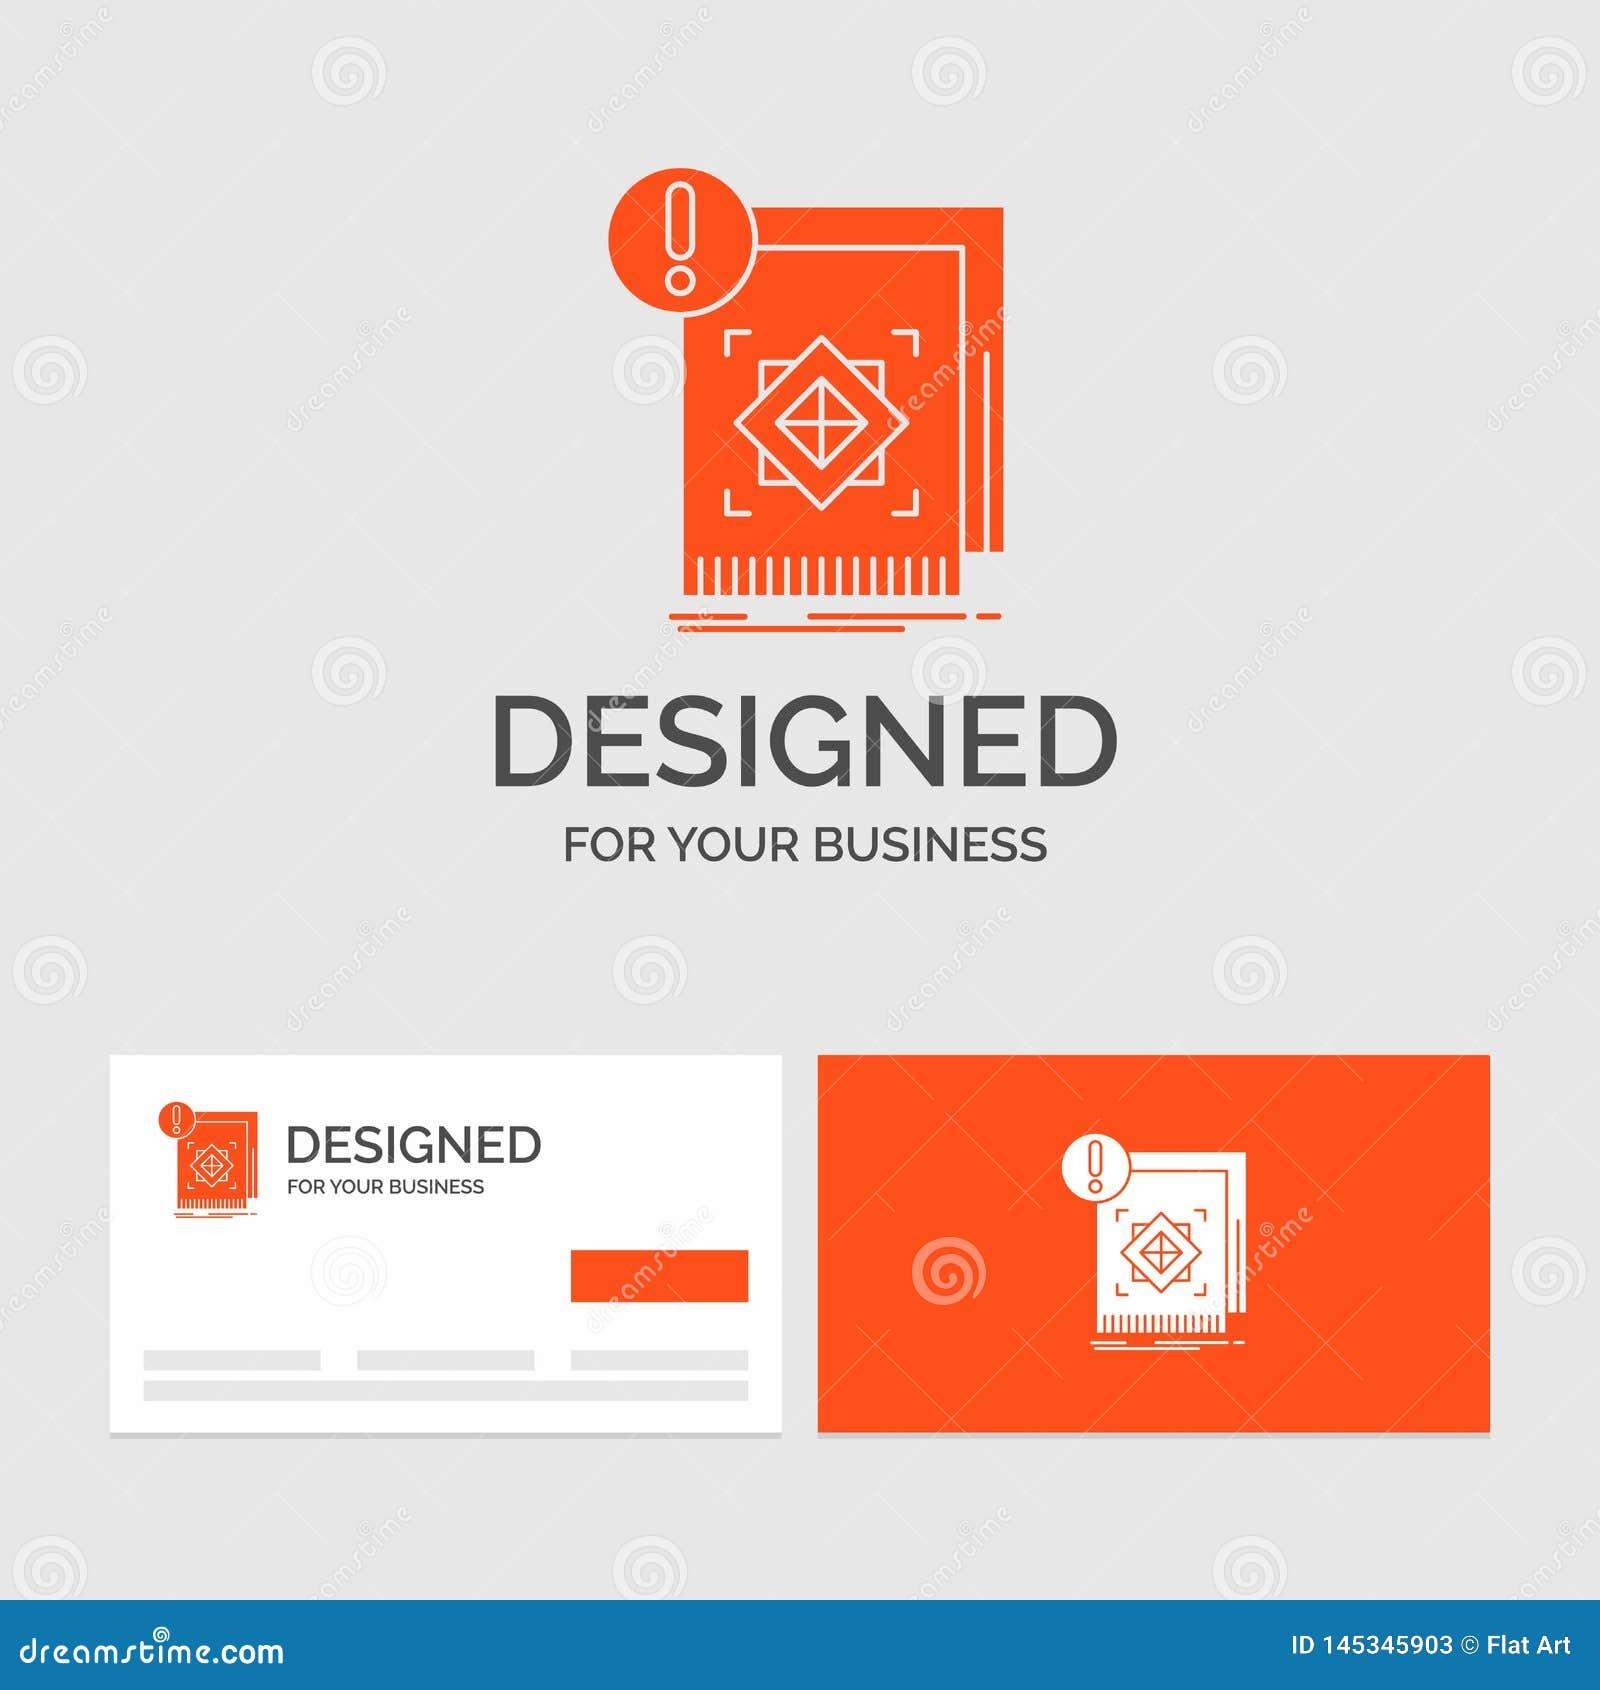 Biznesowy logo szablon dla struktury, standard, infrastruktura, informacja, ostrze?enie Pomara?cze Odwiedza karty z gatunku logo